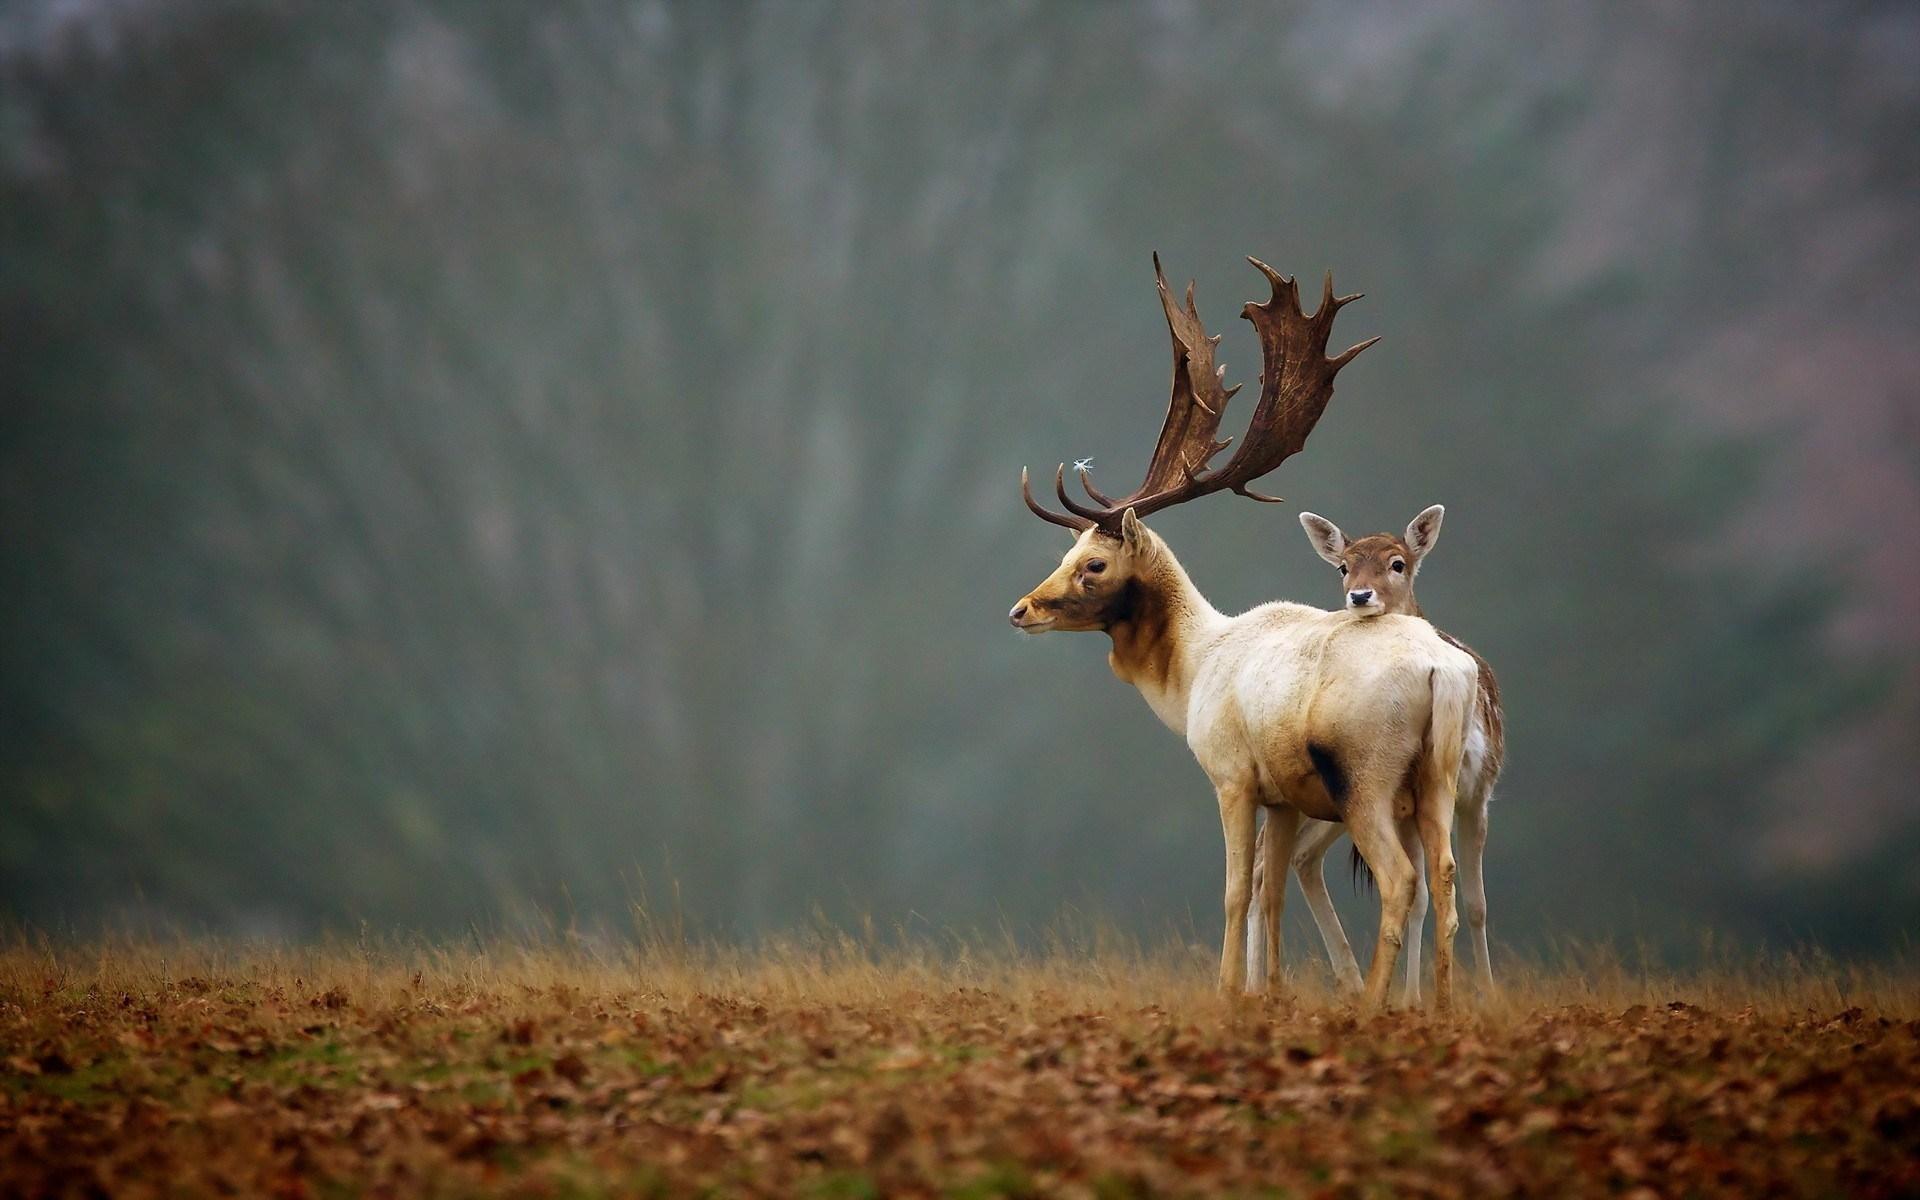 deer animals nature ANIMALS Deer Moose & Reindeer